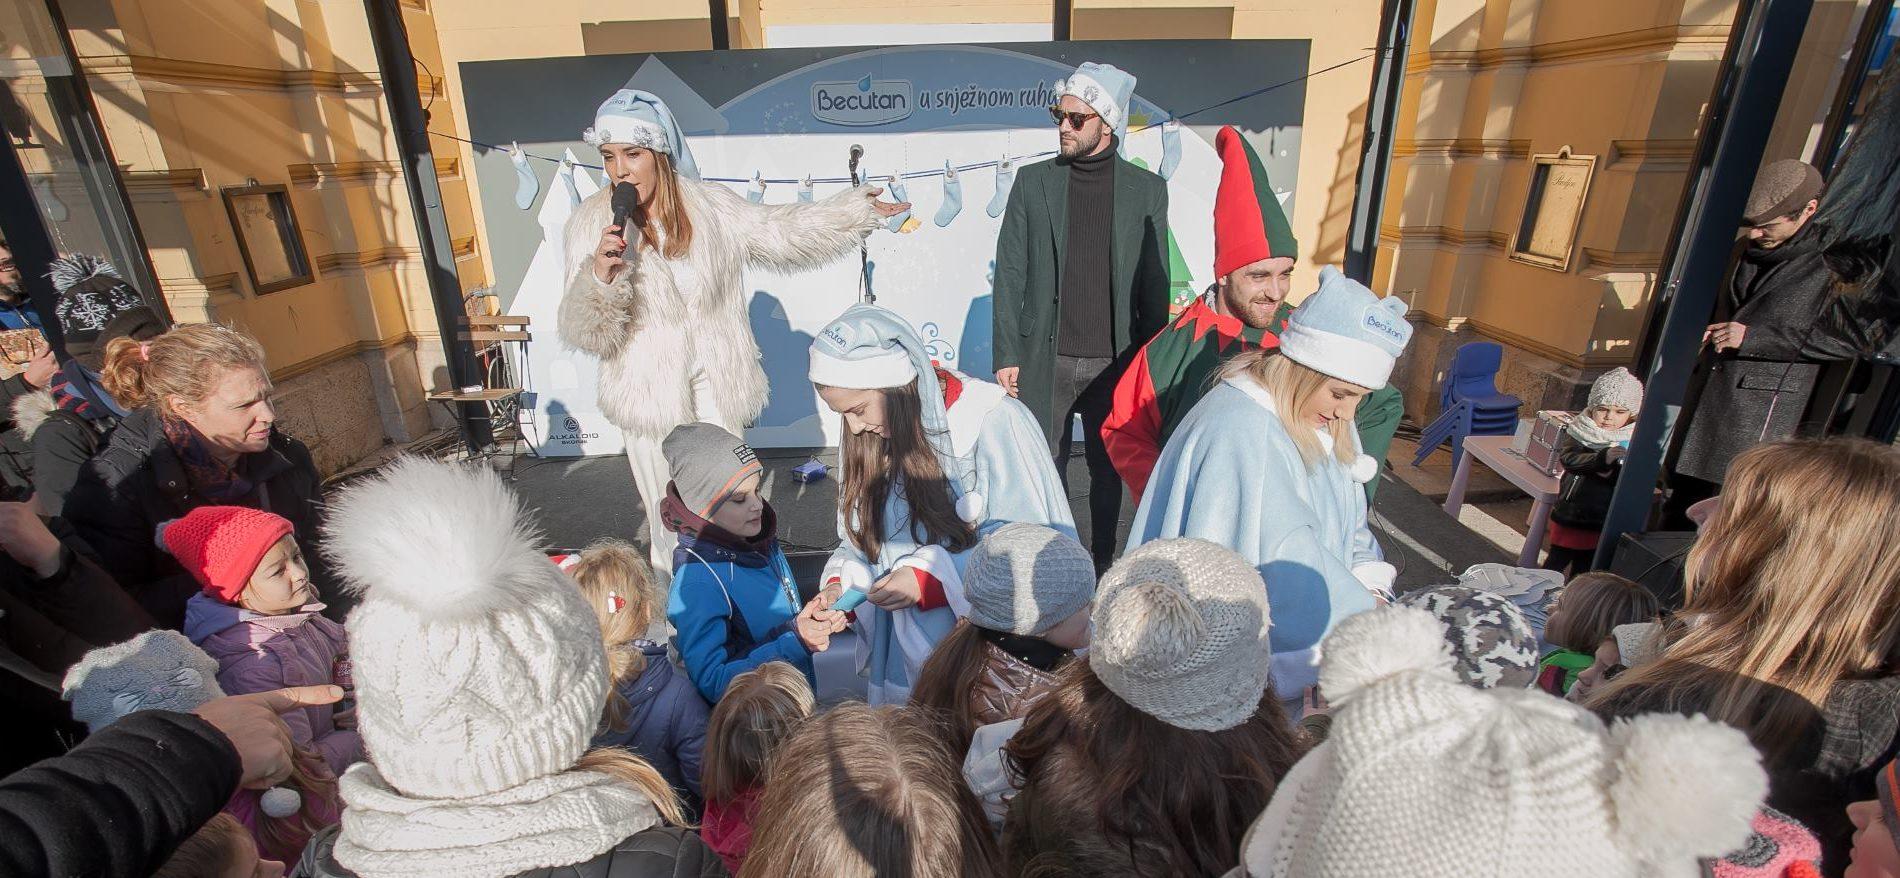 Marijana Batinić i Luka Nižetić zabavili najmlađe u programu 'Becutanovo snježno ruho'